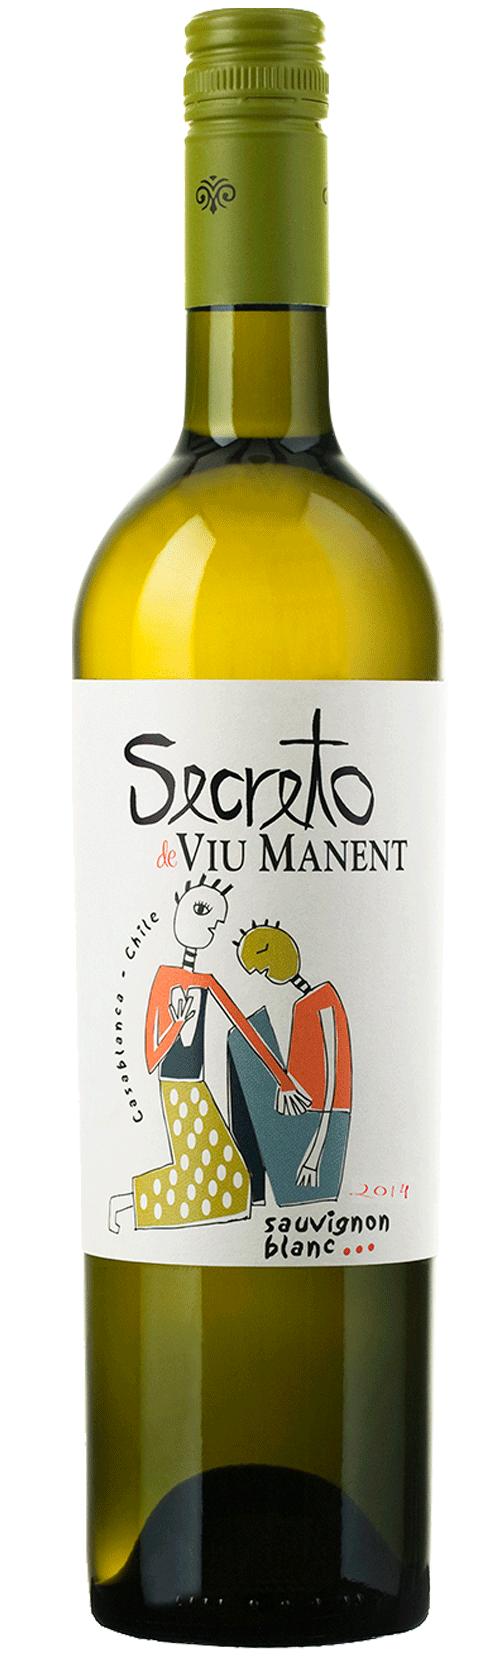 Viu Manent Secreto Sauvignon Blanc 2015